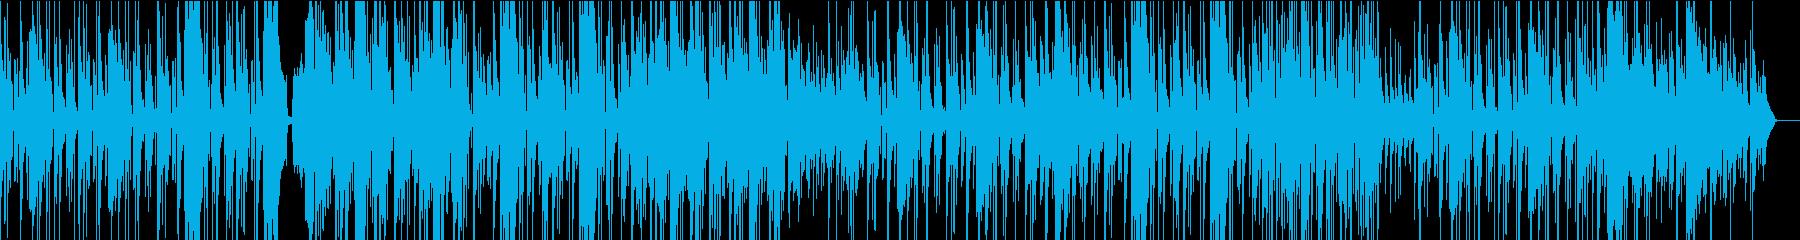 バンジョーとスチールドラムの楽しげな曲の再生済みの波形